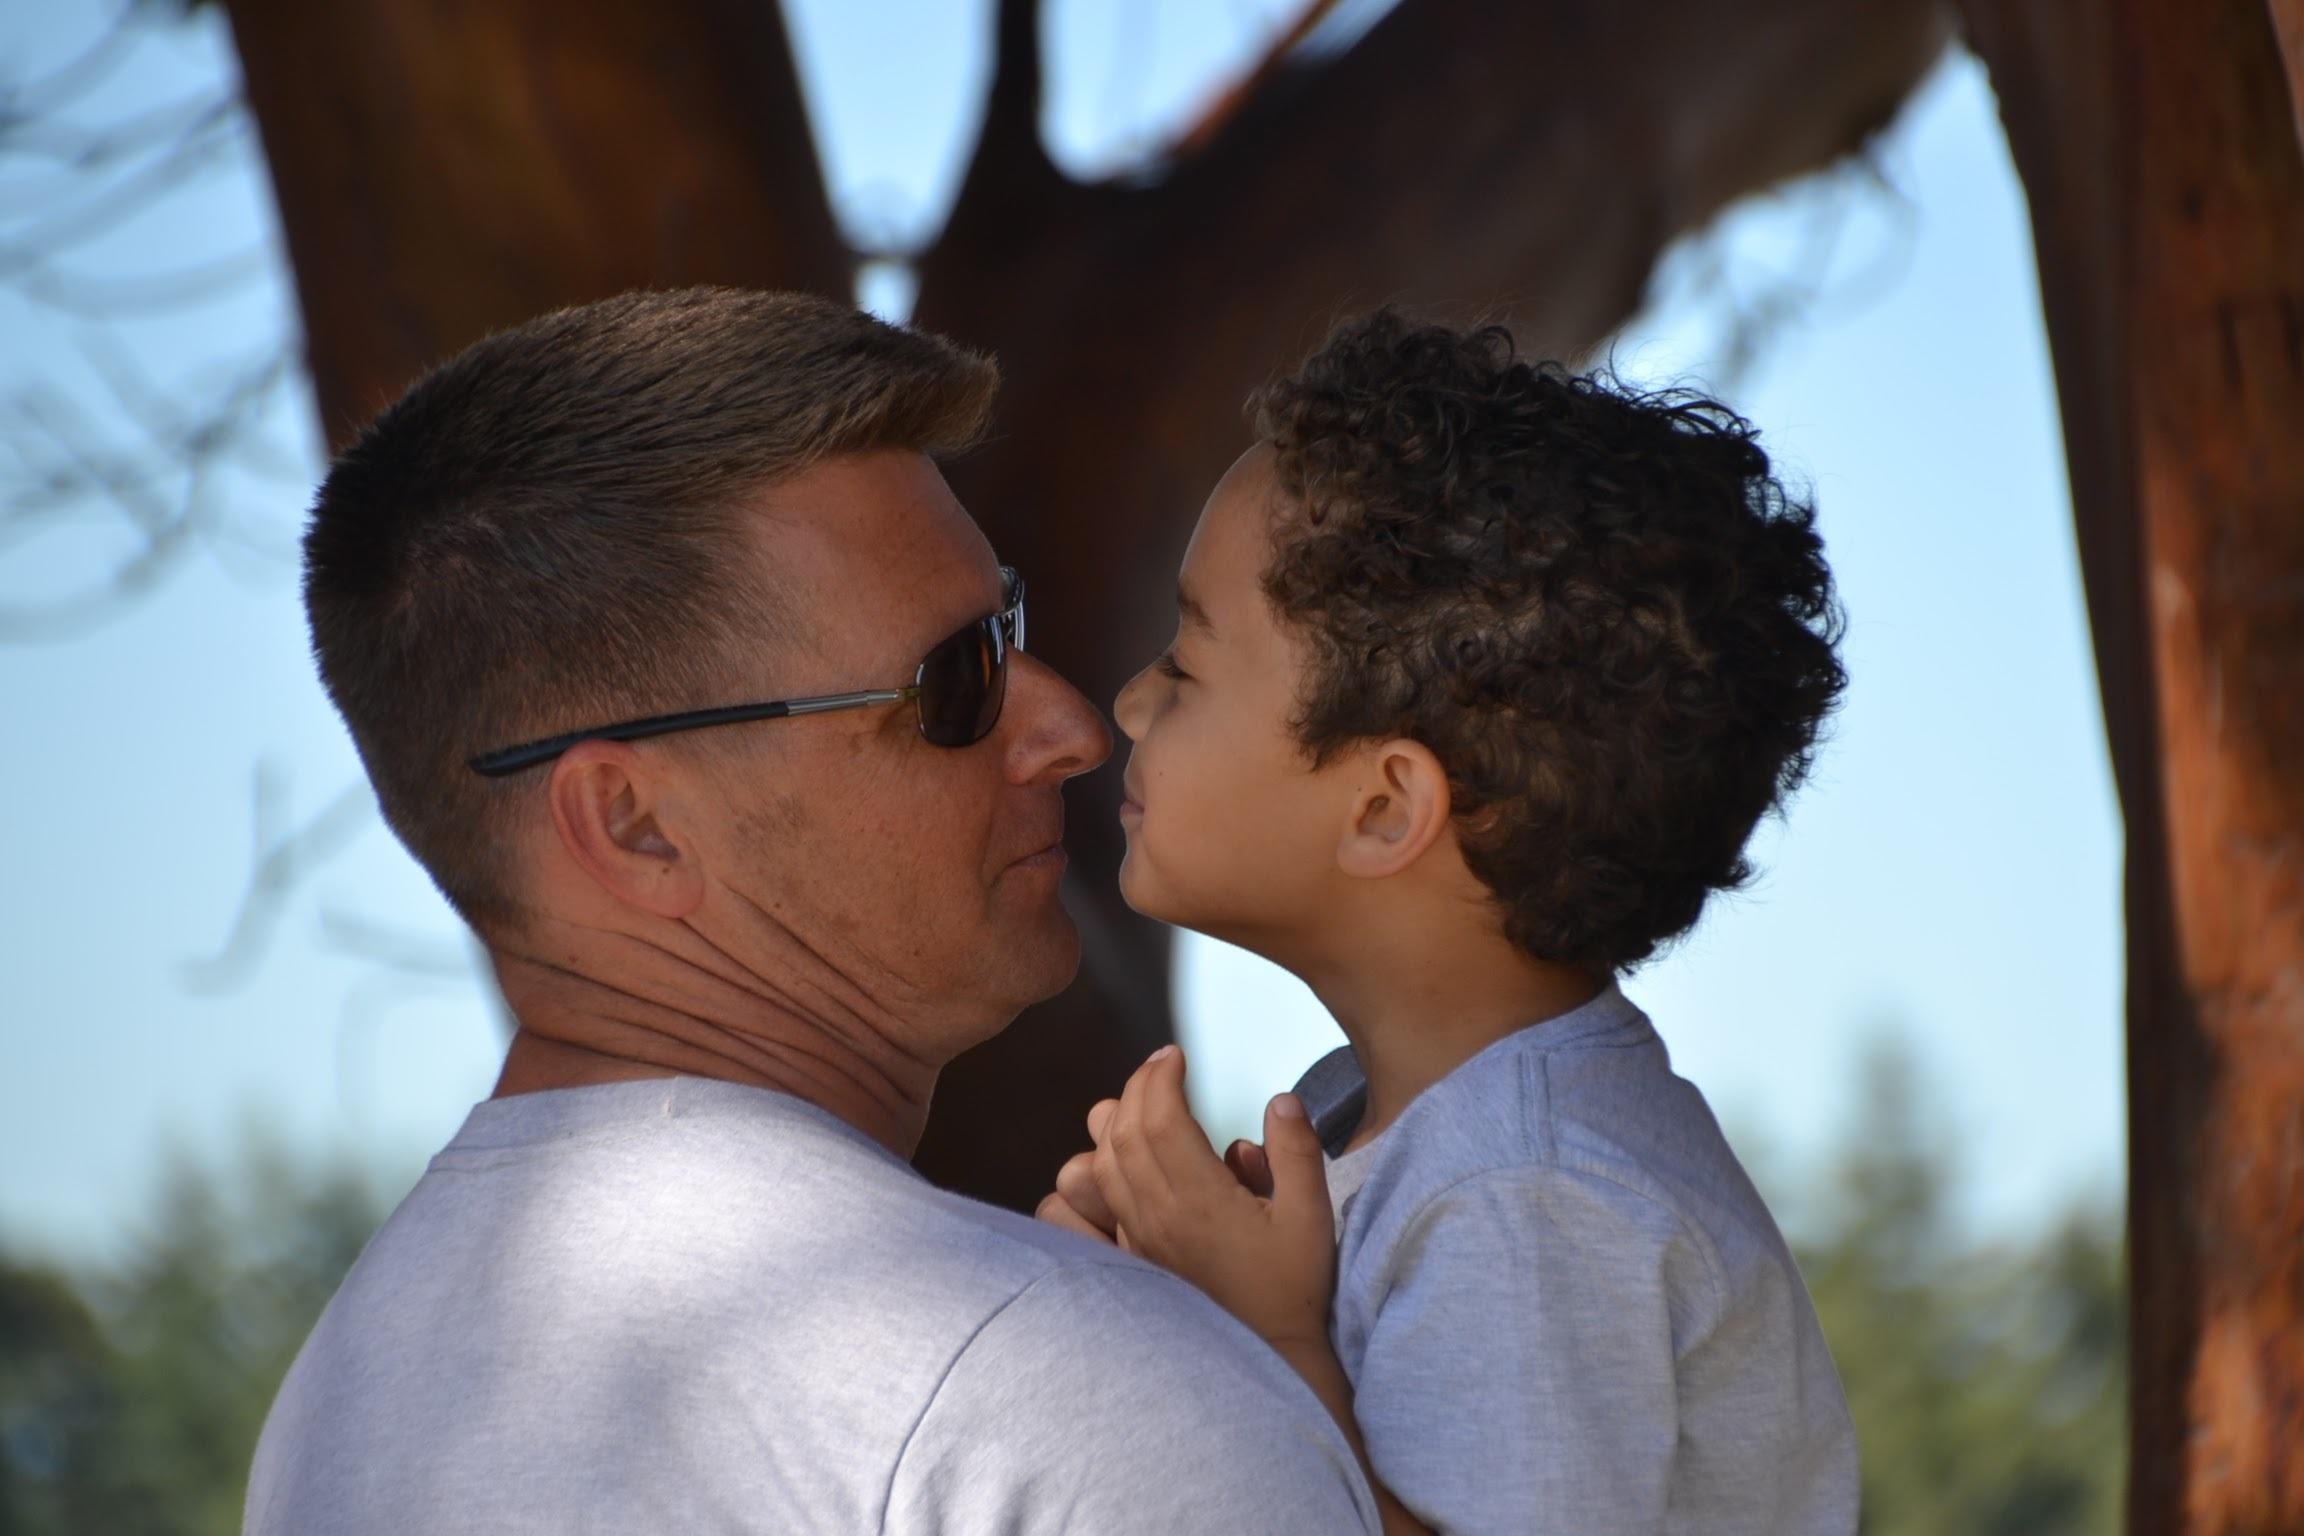 dating barnets far dating en perfeksjonist jente